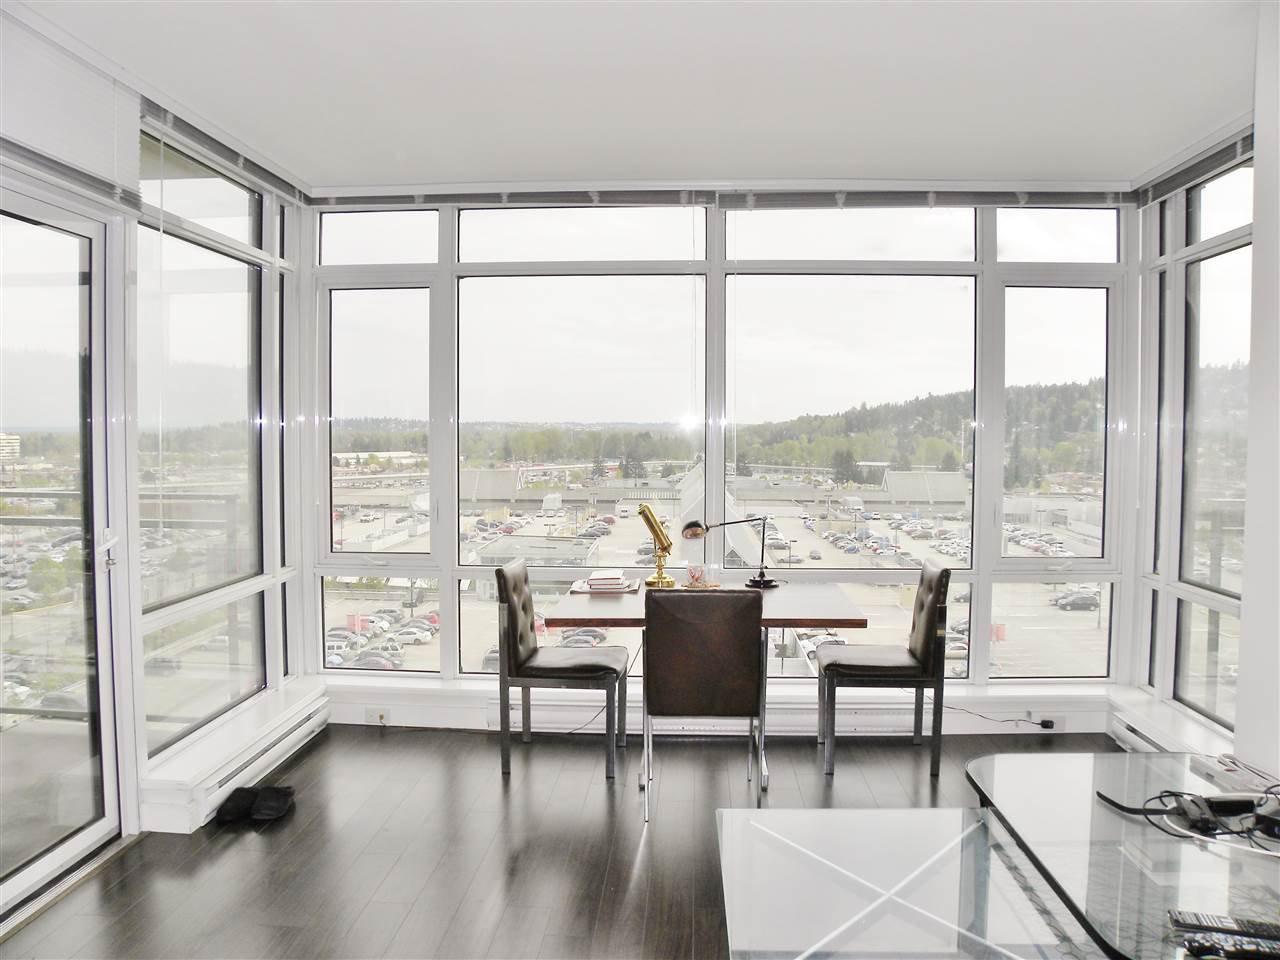 """Main Photo: 1106 2955 ATLANTIC Avenue in Coquitlam: North Coquitlam Condo for sale in """"OASIS"""" : MLS®# R2056129"""